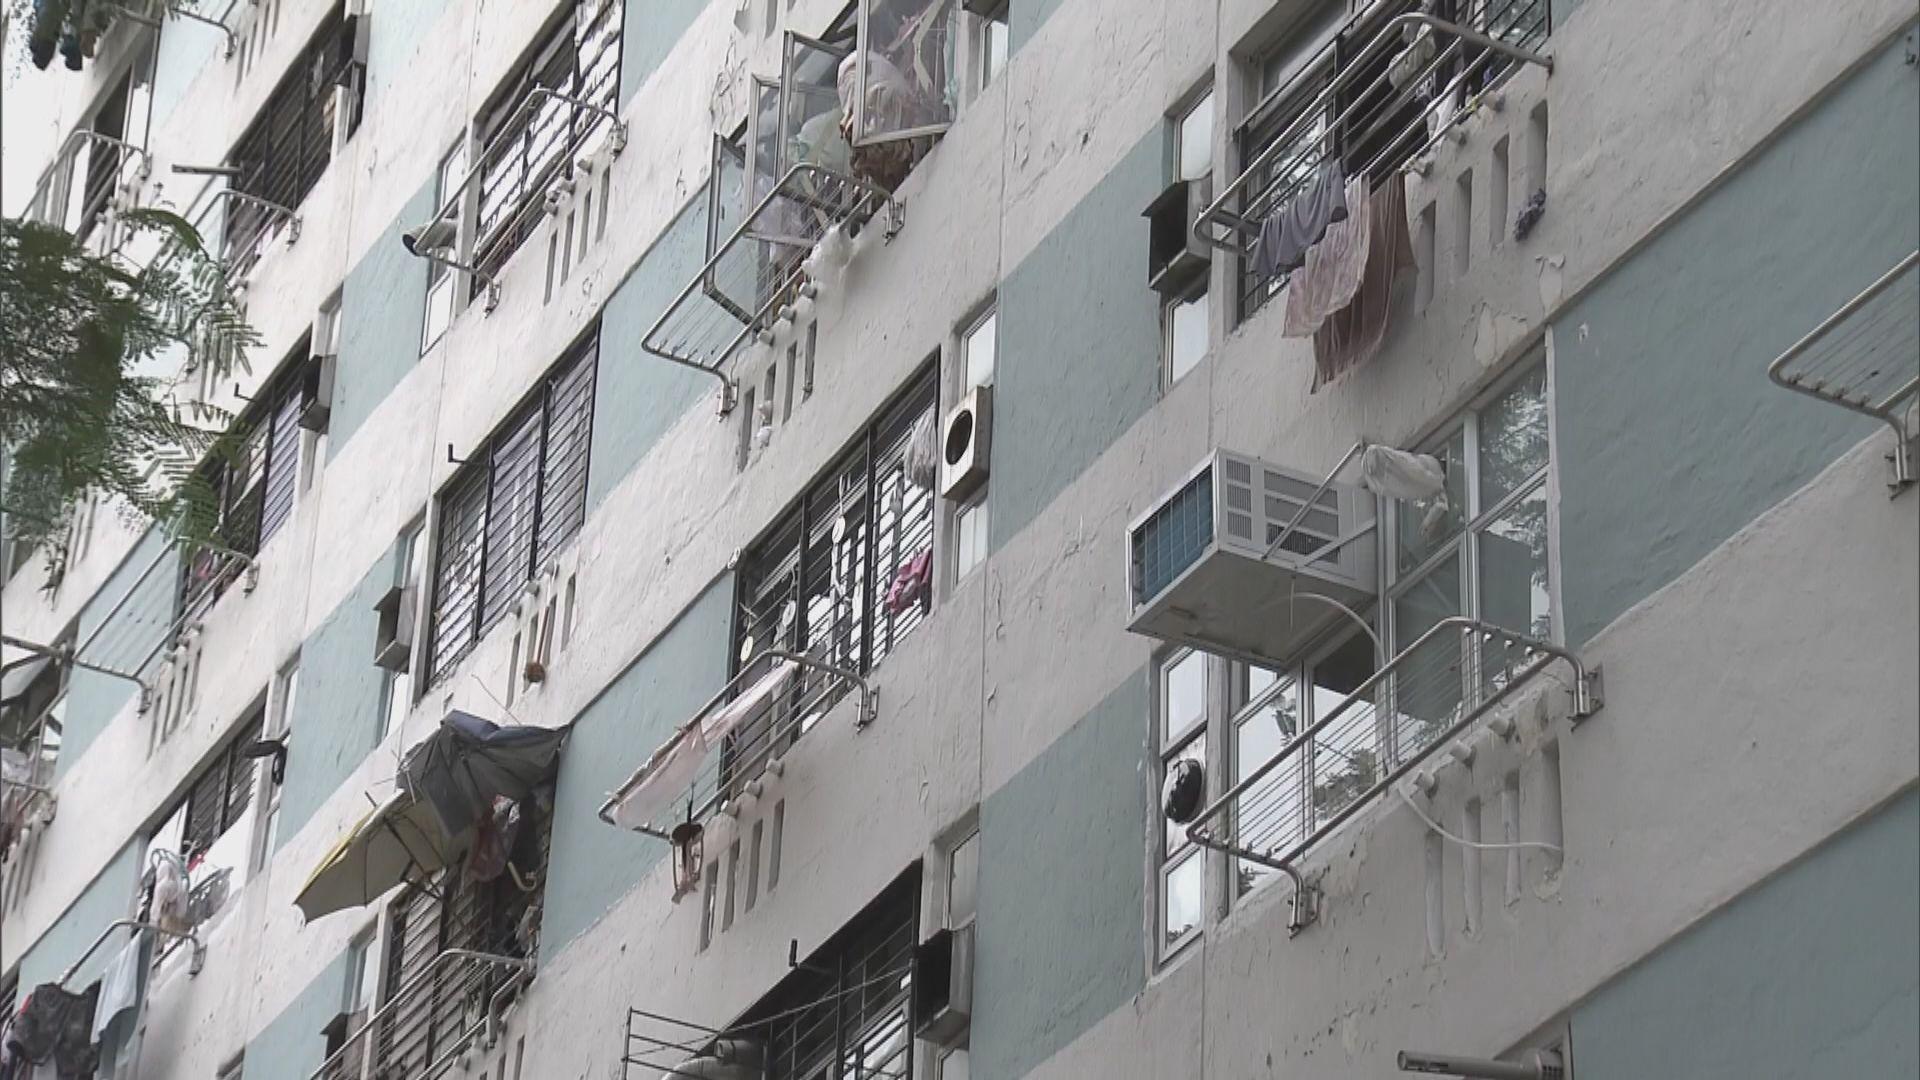 祿泉樓10號或12號室廁所氣喉相通 當局疏散部分住戶檢查有否改裝